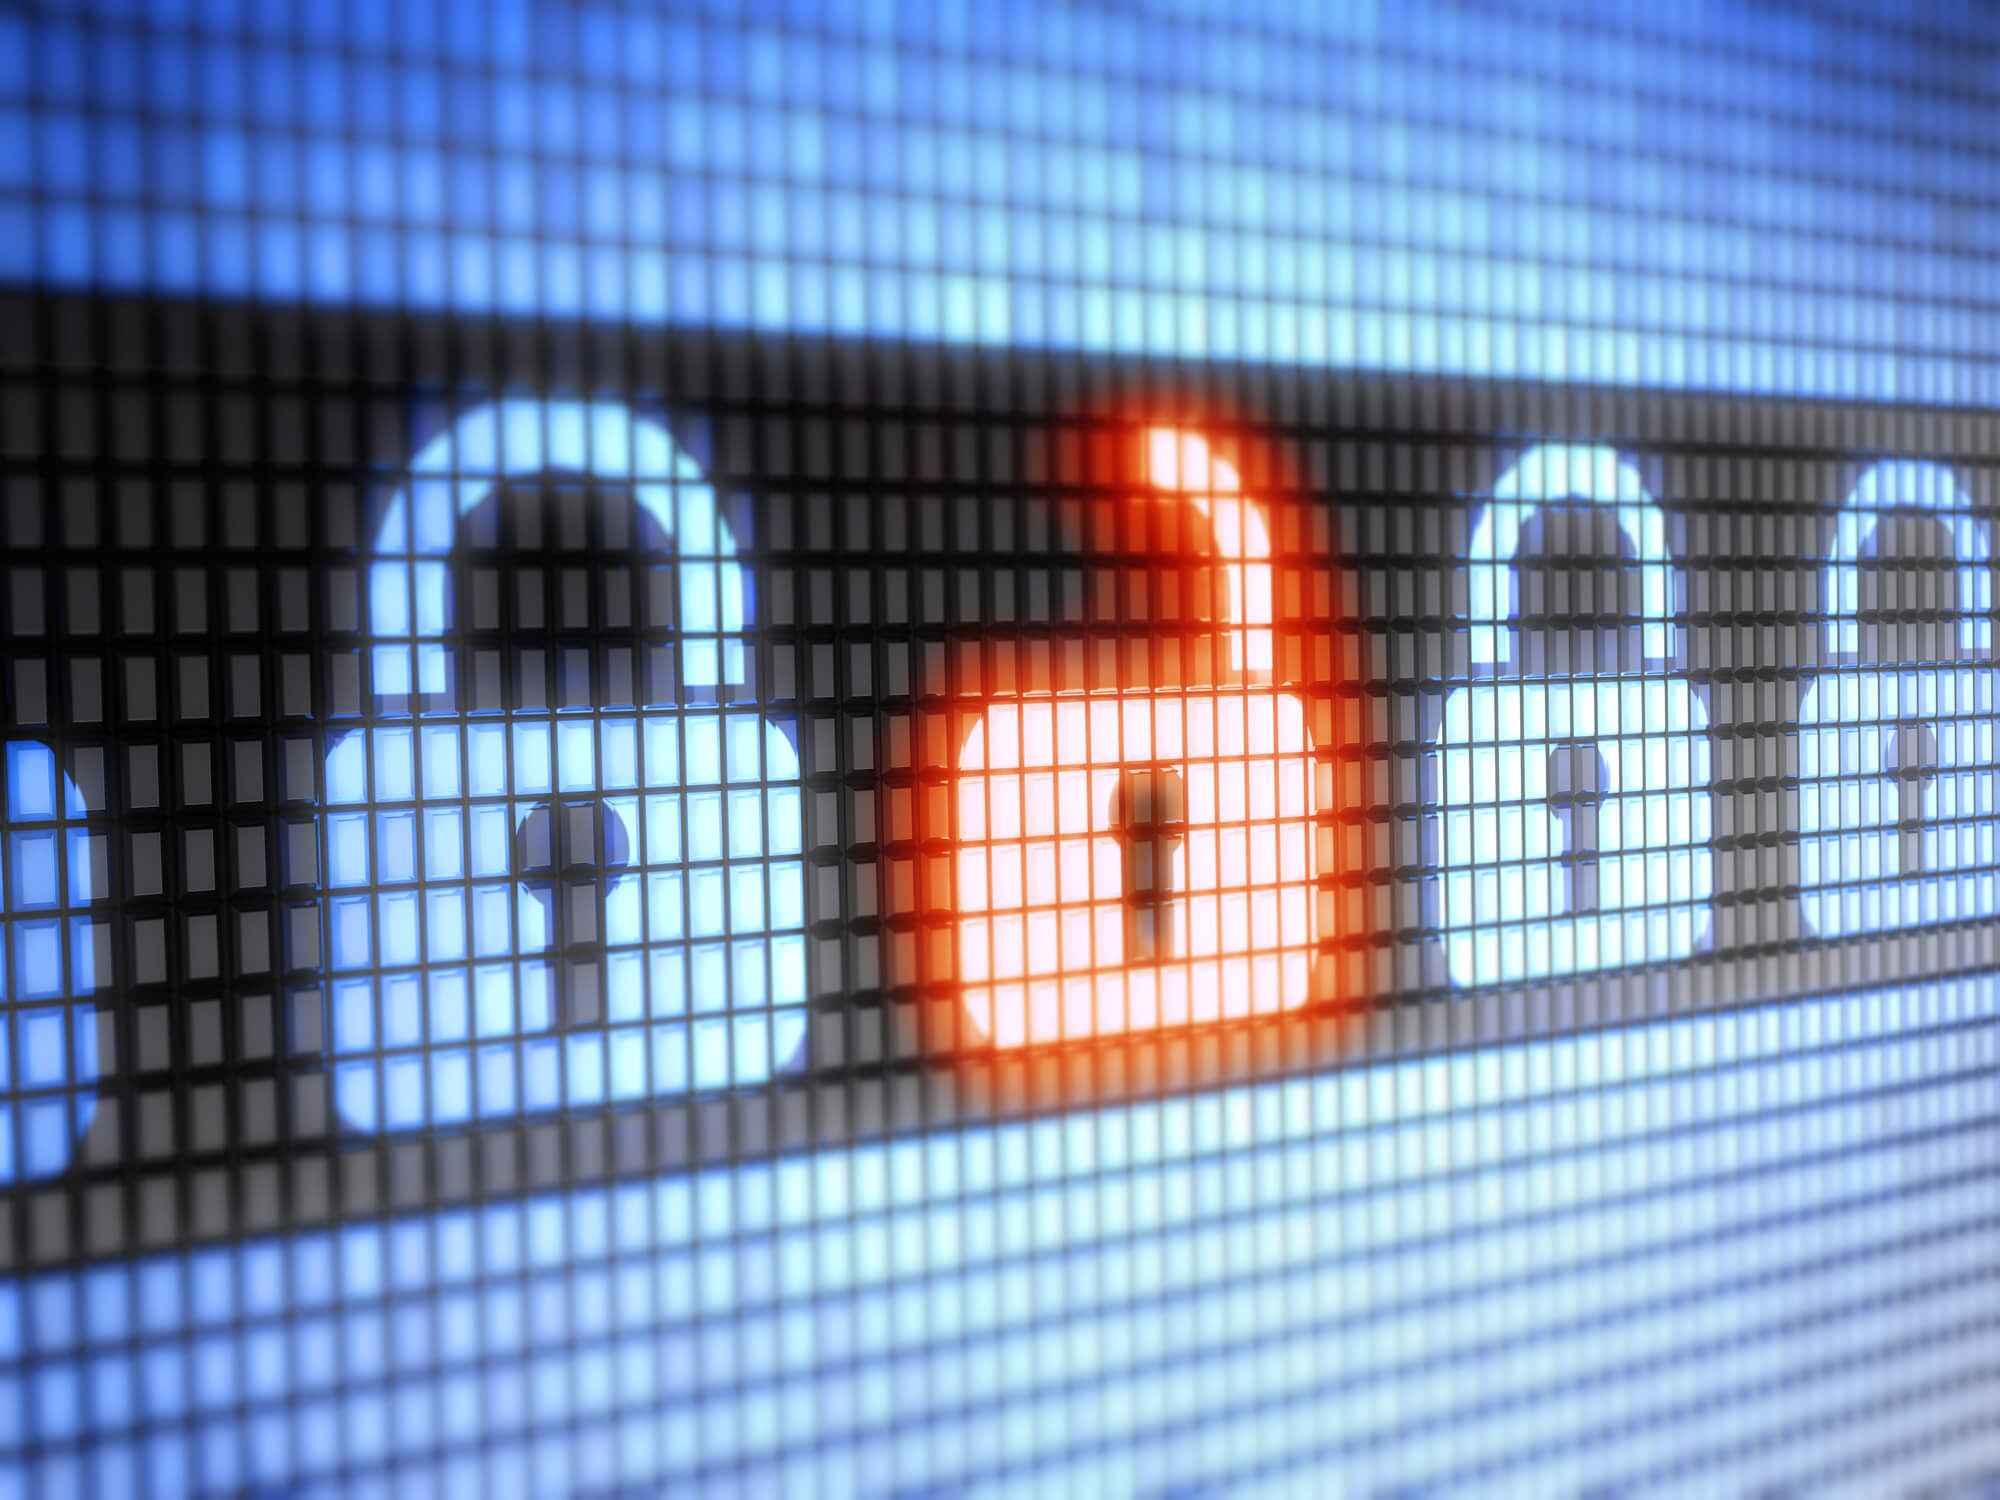 Segurança na Internet? Descubra as melhores práticas!